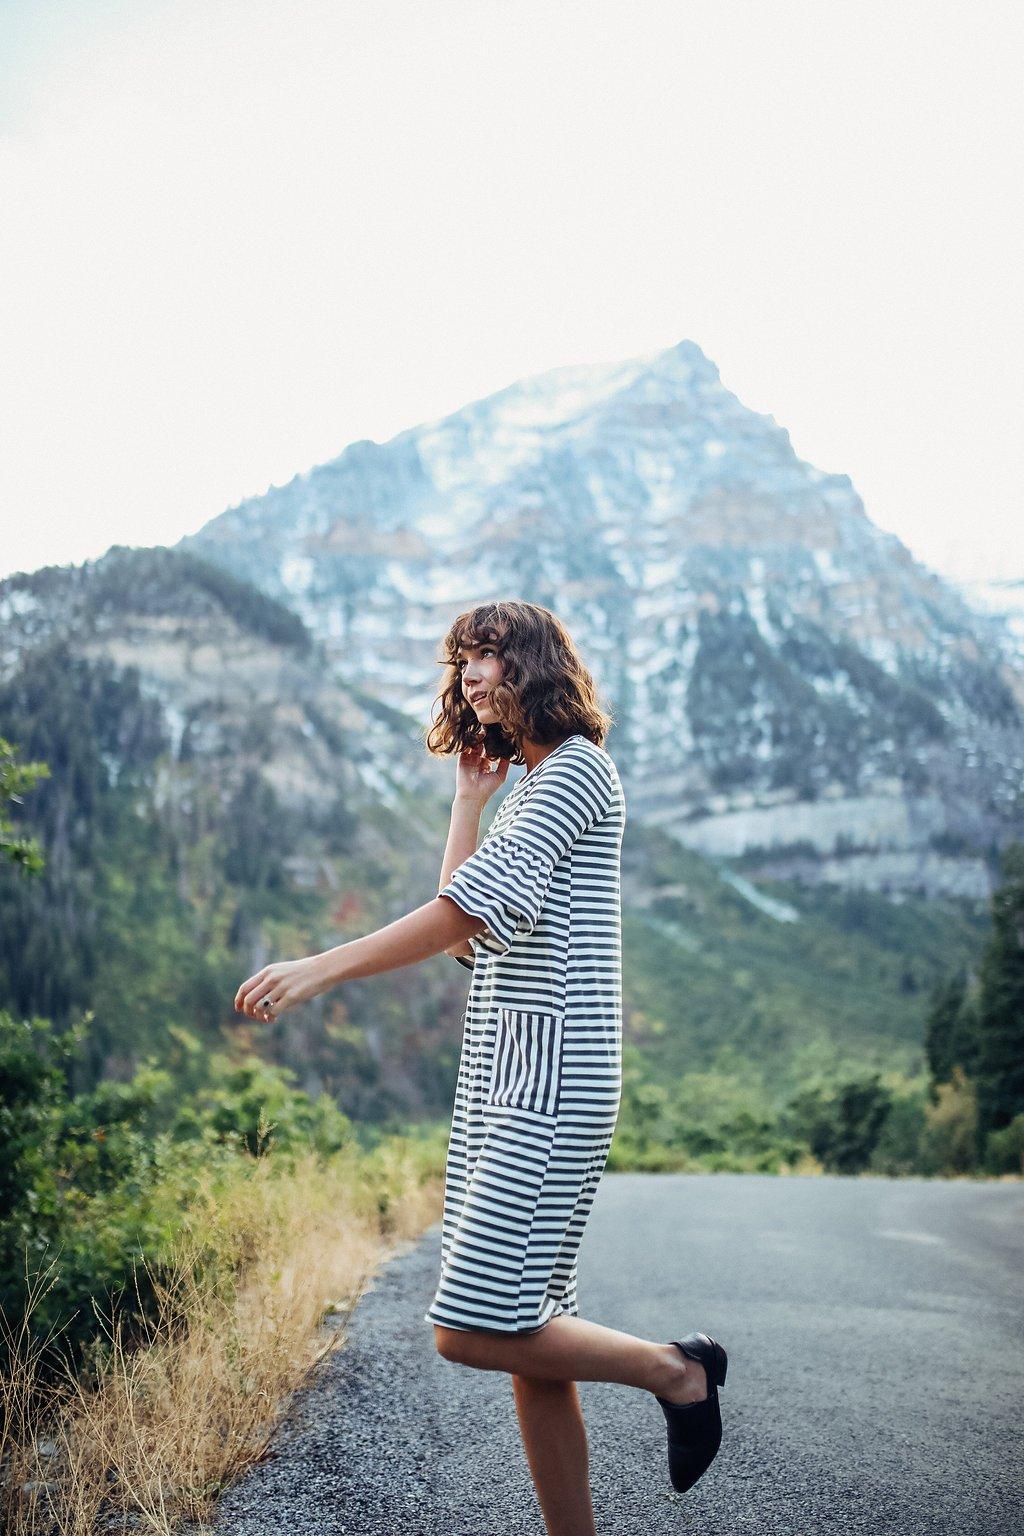 Desmond Striped Pocket Dress: Sale $25.20, Regular $46.00